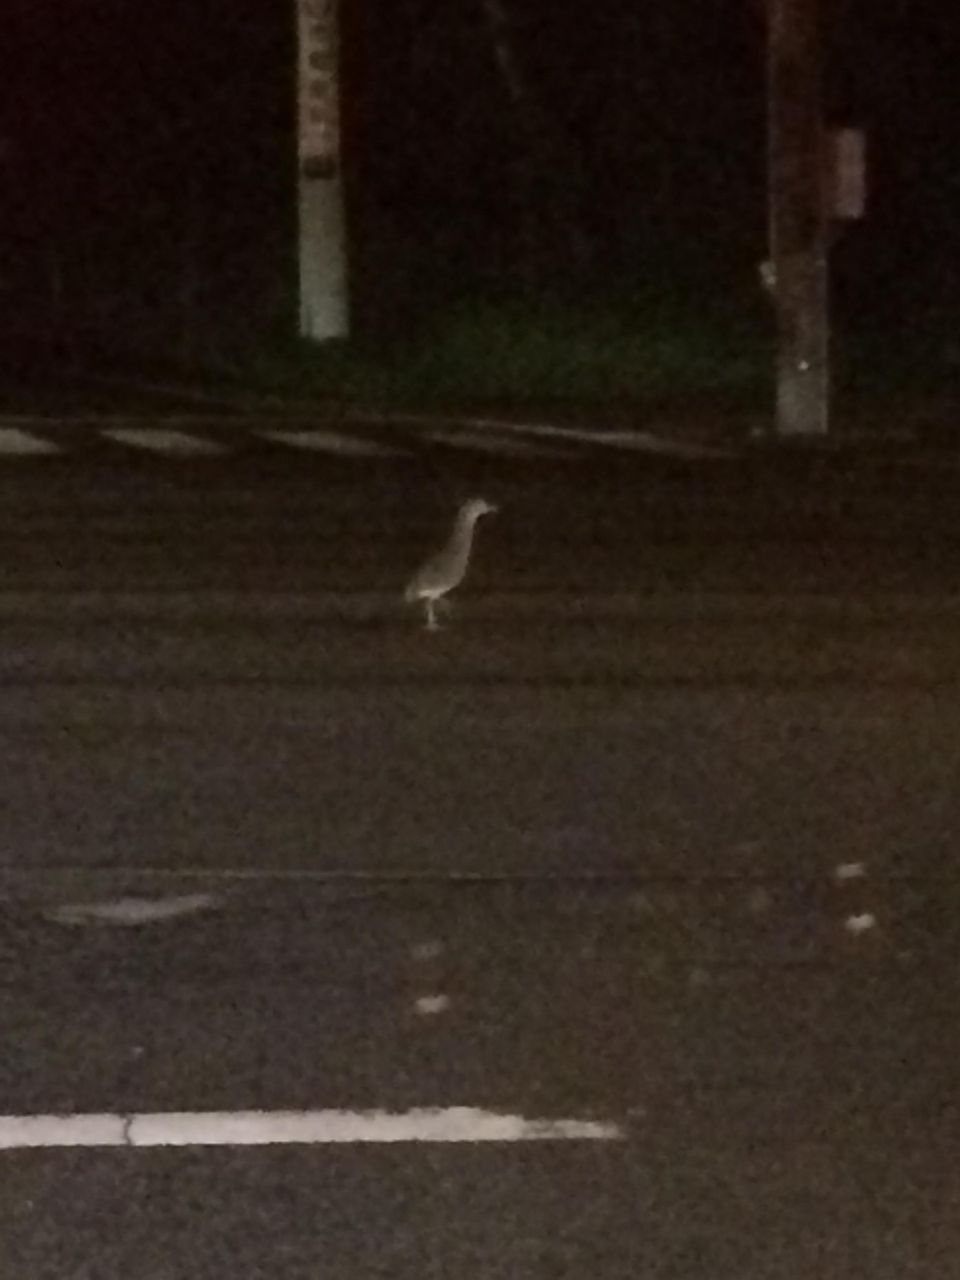 なんか変な鳥発見したwwwwwwwwwwwwww